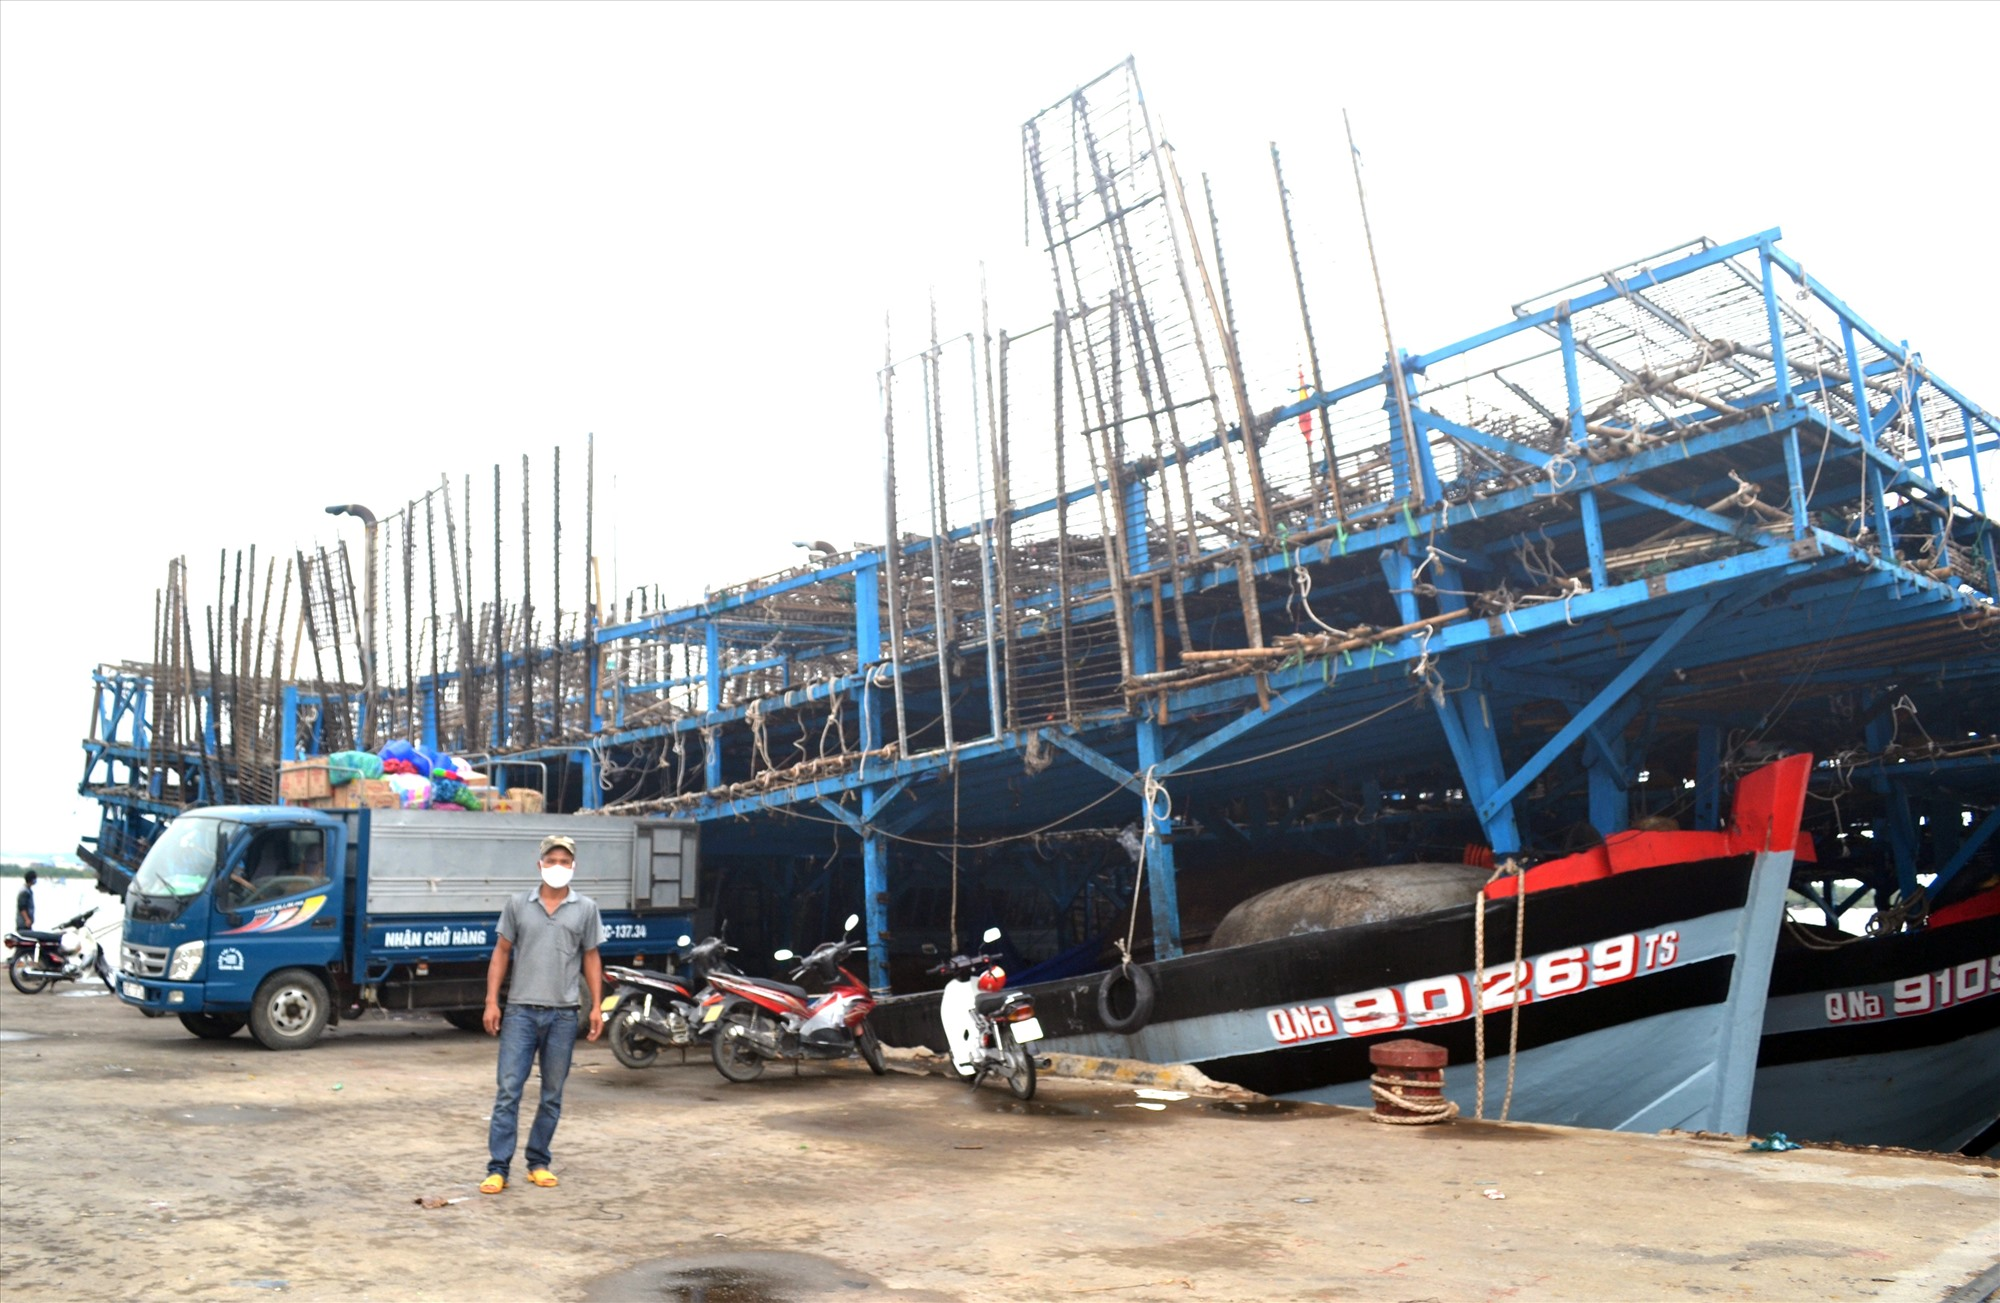 Tàu câu mực khơi của ngư dân Lương Văn Tồn chuẩn bị xuất bến.